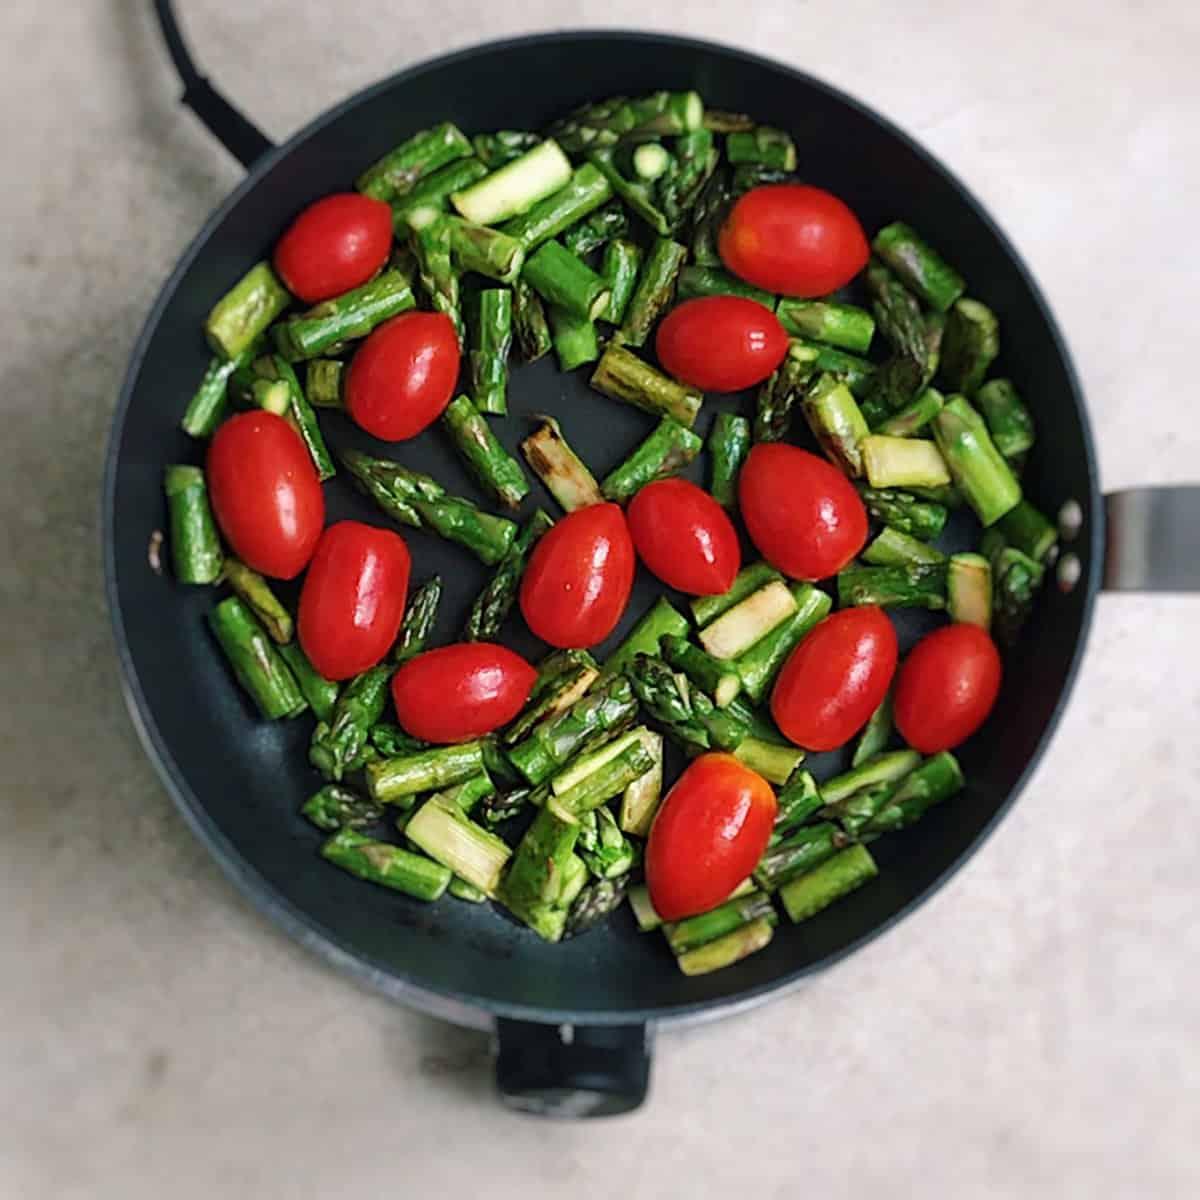 Ingredientes de ensalada de pasta con tomates, espárragos, mozzarella y eneldo